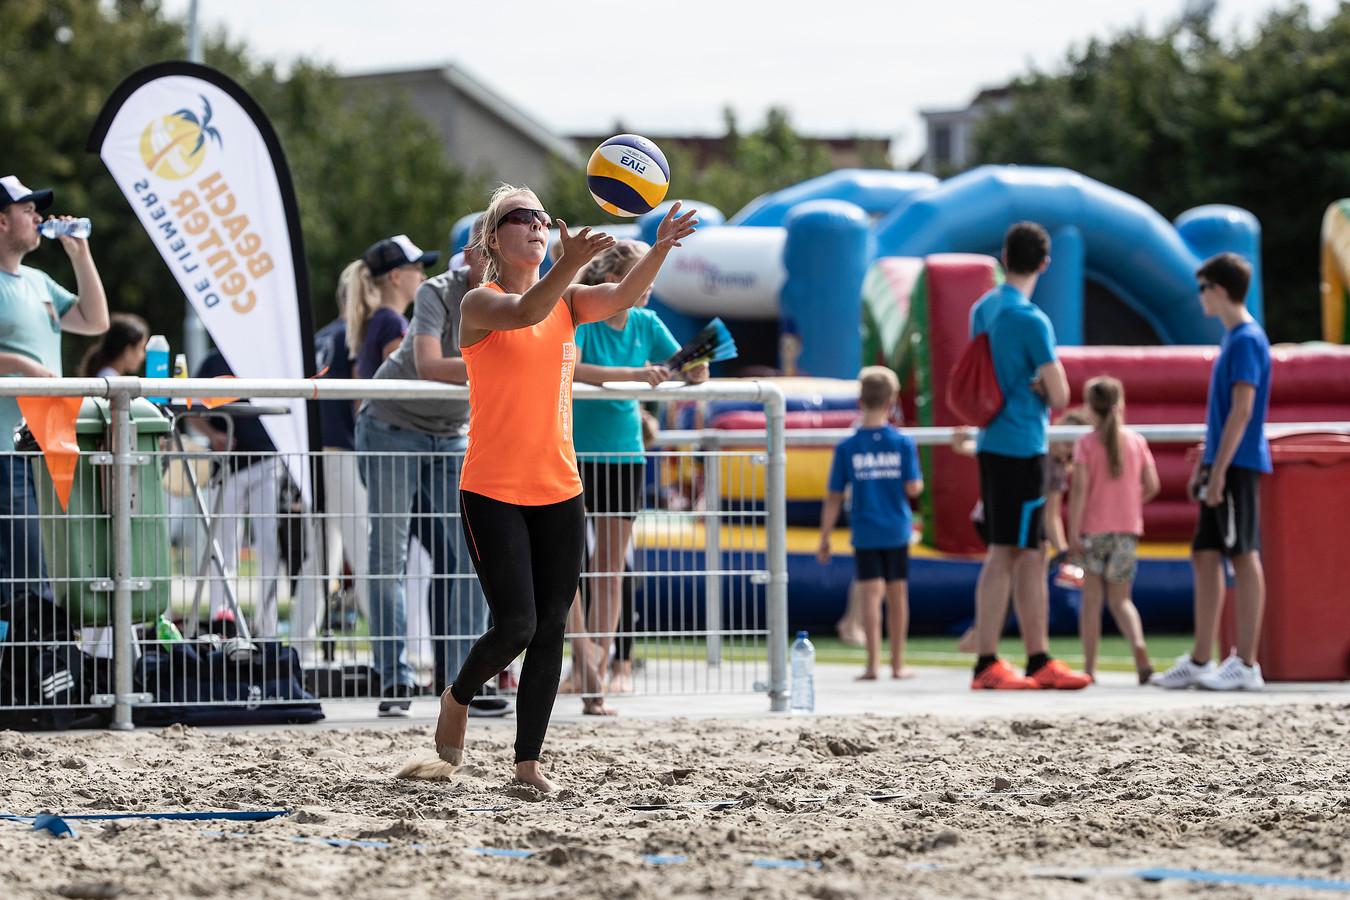 De velden voldoen aan de hoogste eisen van de verschillende sportbonden en zijn daarmee geschikt om wedstrijden van het allerhoogste niveau naar Duiven te halen.